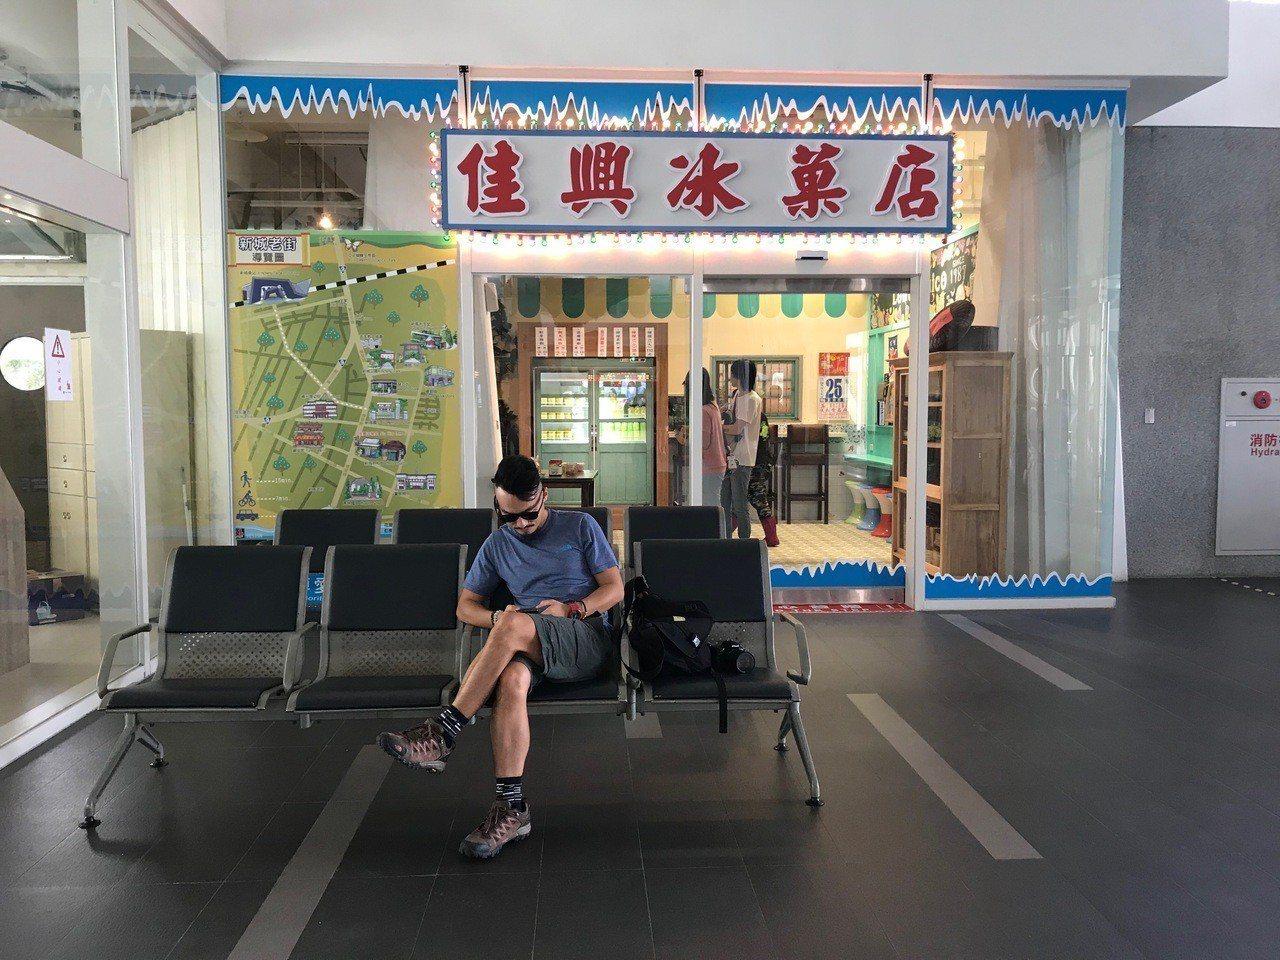 花蓮佳興冰菓室的檸檬汁全台知名,在新城火車站內設有懷舊款店面。記者王燕華/攝影